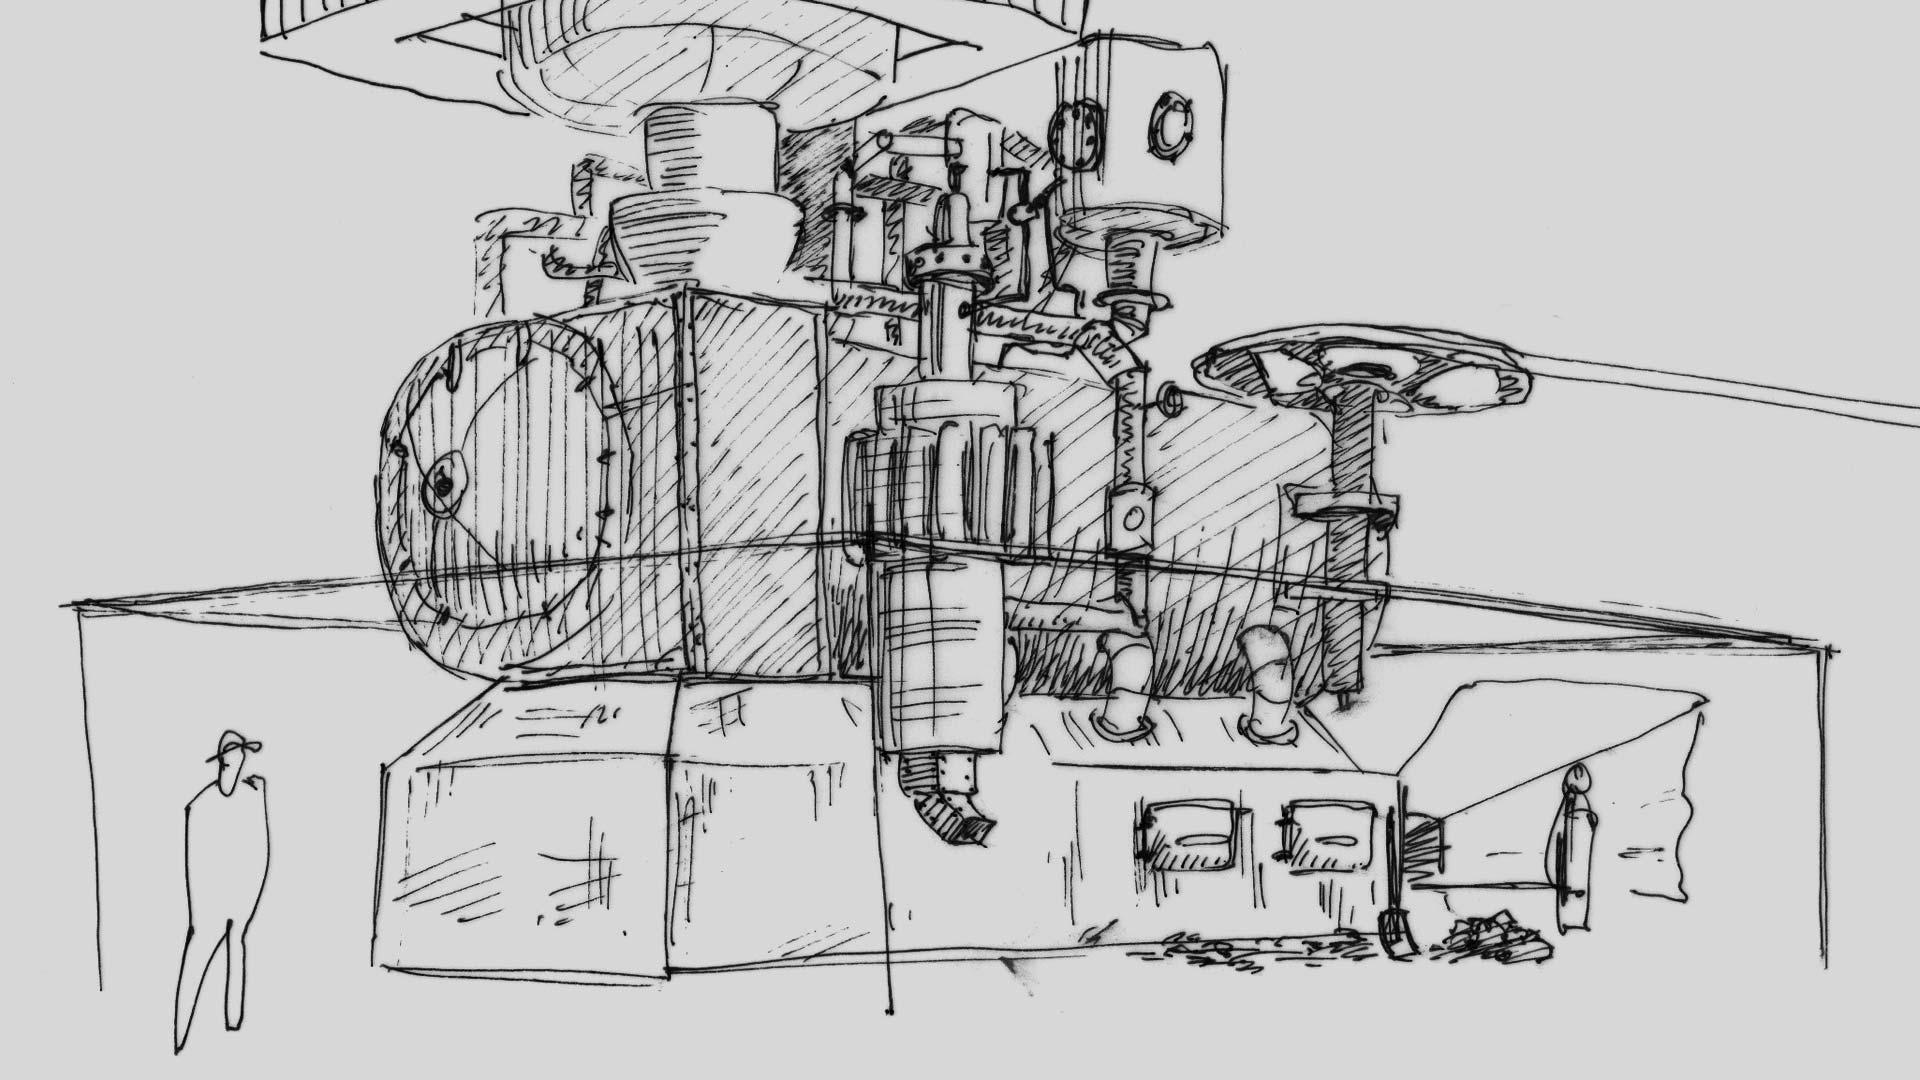 Konzeptzeichnung der Maschine